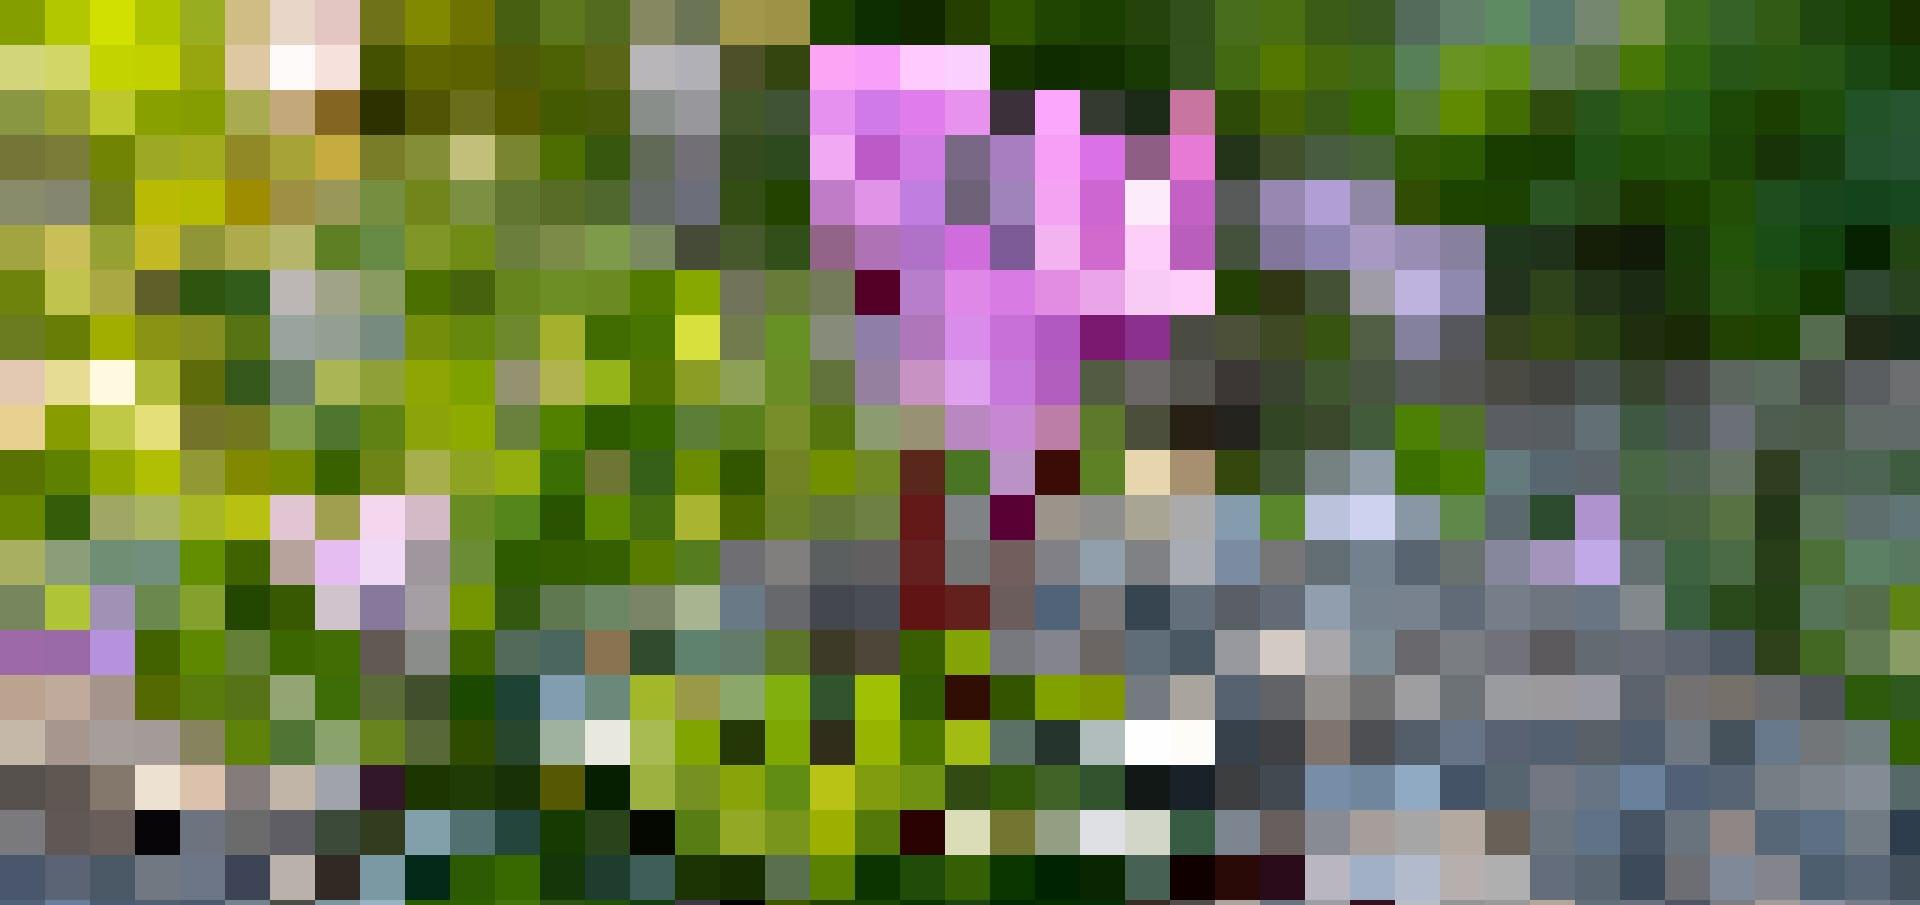 Dans l'Antiquité, il était de bon augure de l'offrir pour l'arrivée d'un bébé. Le cyclamen est une plante que l'on ne destine pas habituellement à l'être aimé, car il exprime l'insécurité.